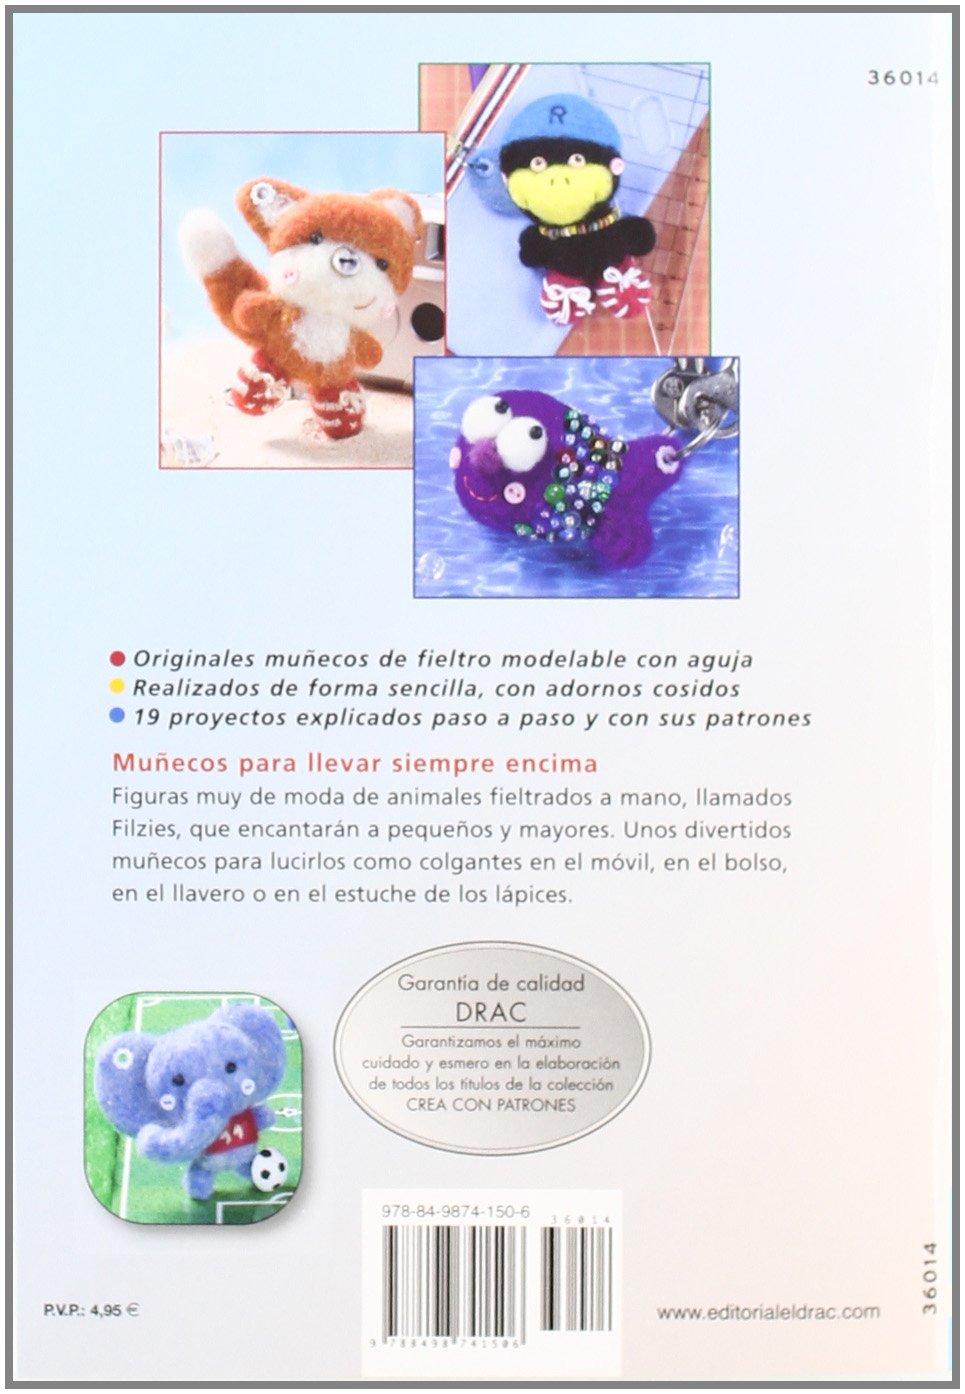 Muñecos de fieltro agujado, libro con 19 proyectos con sus patrones